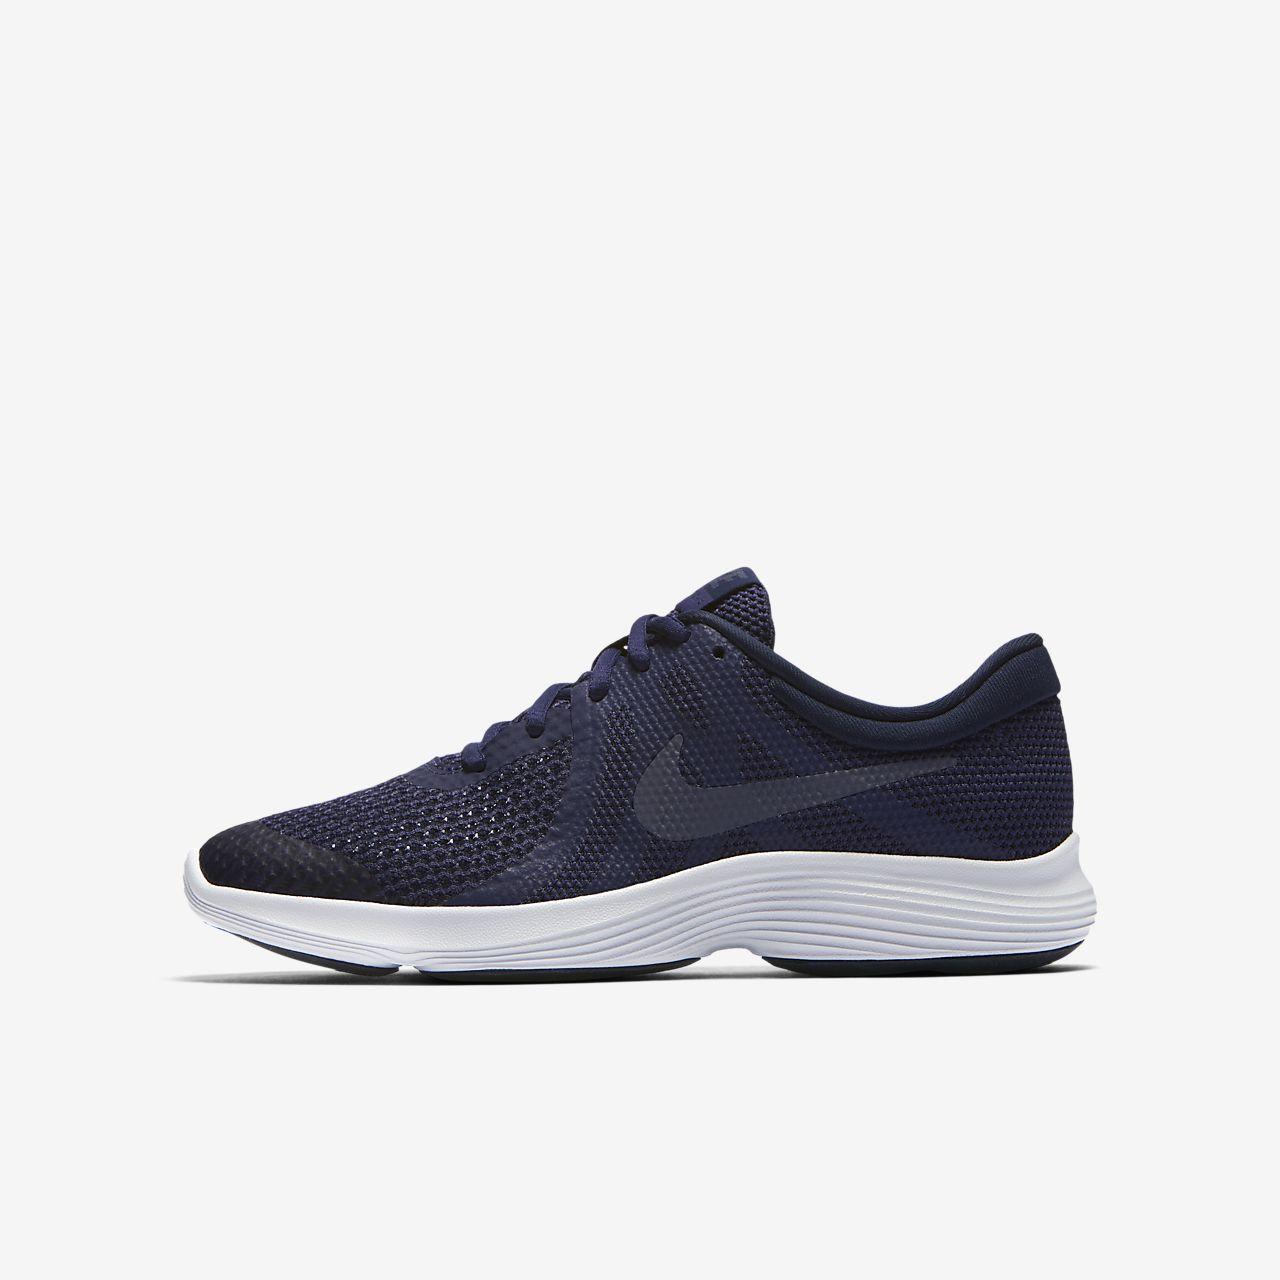 Παπούτσι για τρέξιμο Nike Revolution 4 για μεγάλα παιδιά